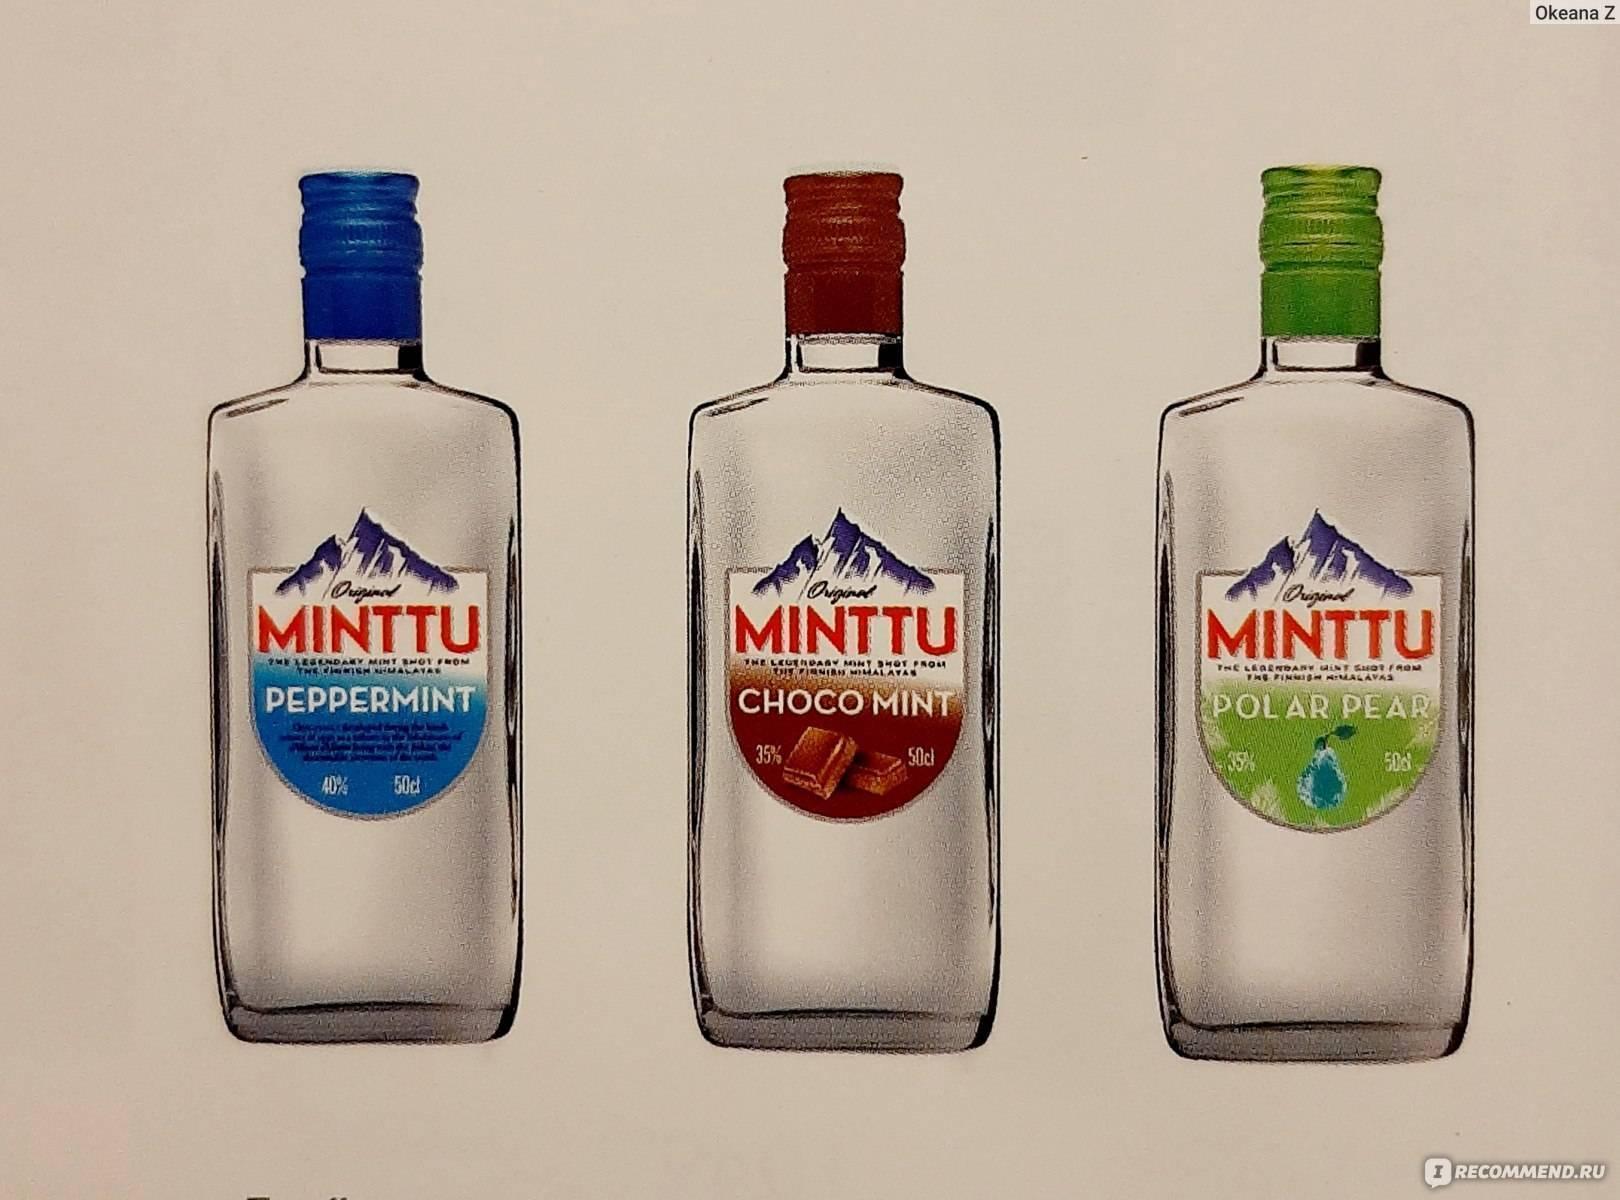 Ликер minttu (минту): описание, отзывы и стоимость